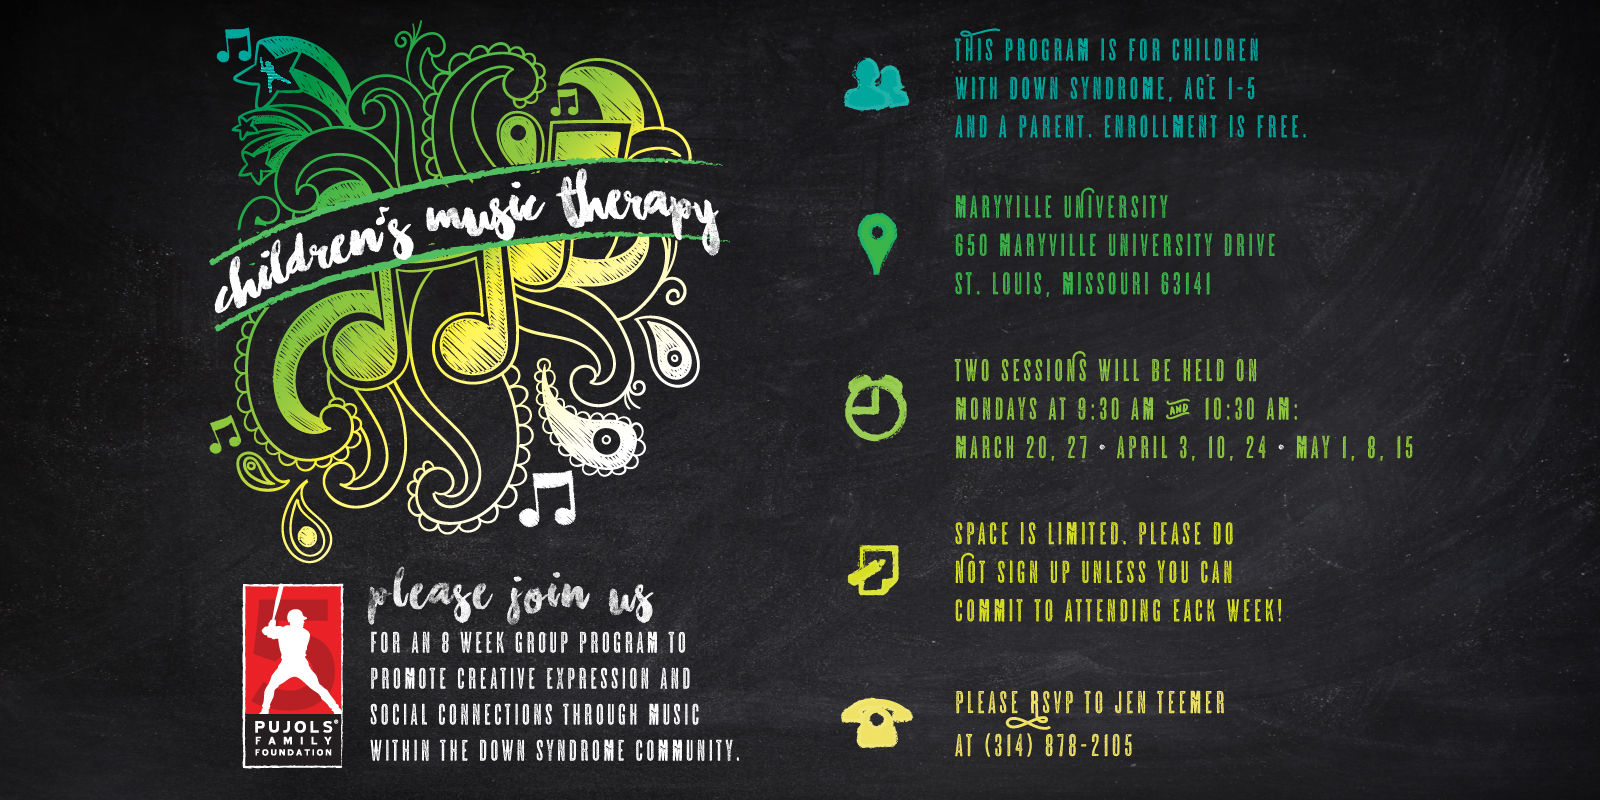 2017 Children's Music Therapy Invitation